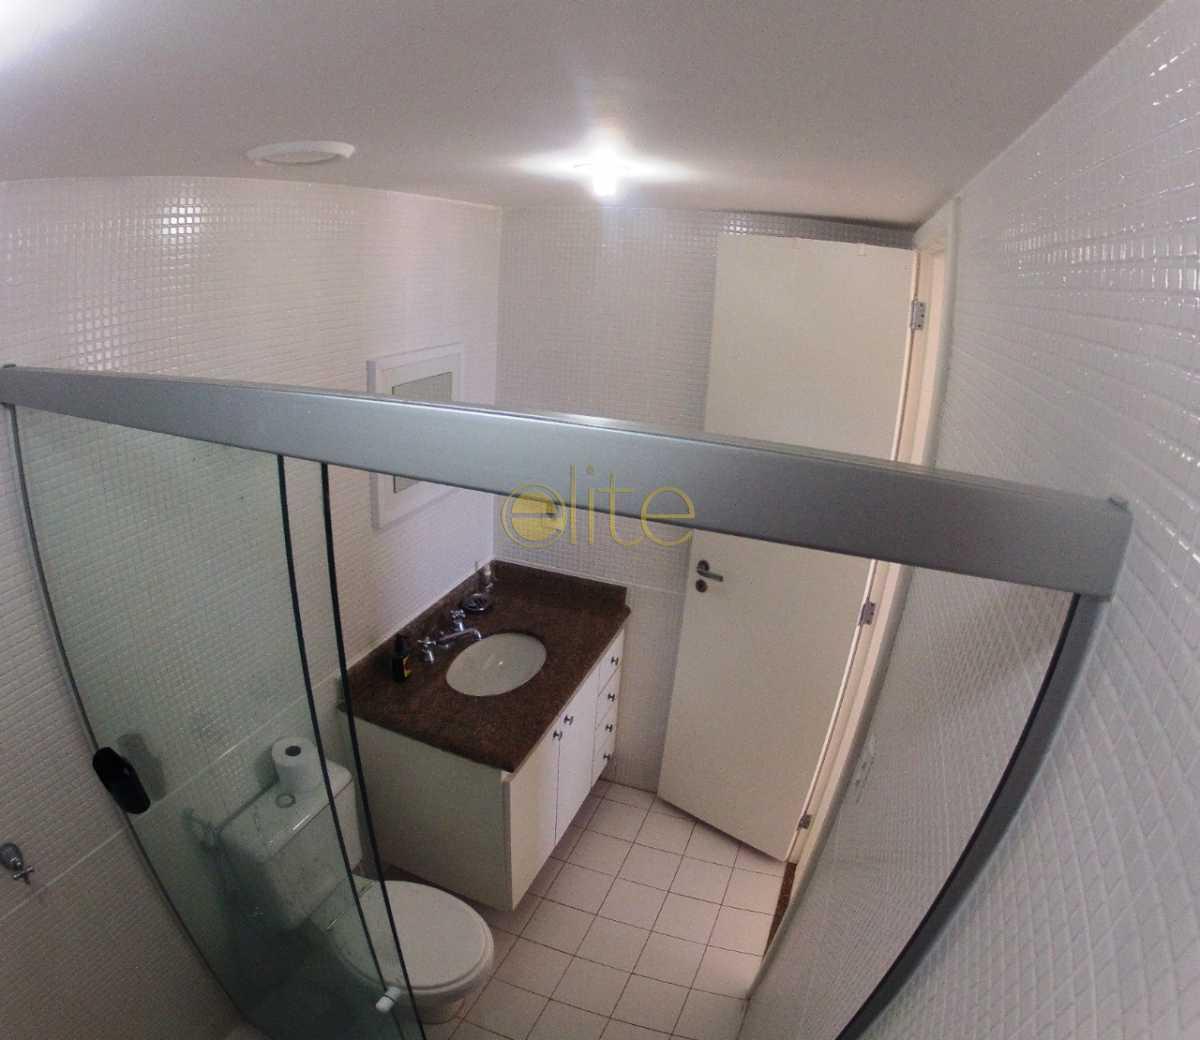 a068b53b-9eed-4ed9-9fa3-0ac752 - Apartamento com Área Privativa 2 quartos à venda Recreio dos Bandeirantes, Rio de Janeiro - R$ 876.000 - EBAA20001 - 15